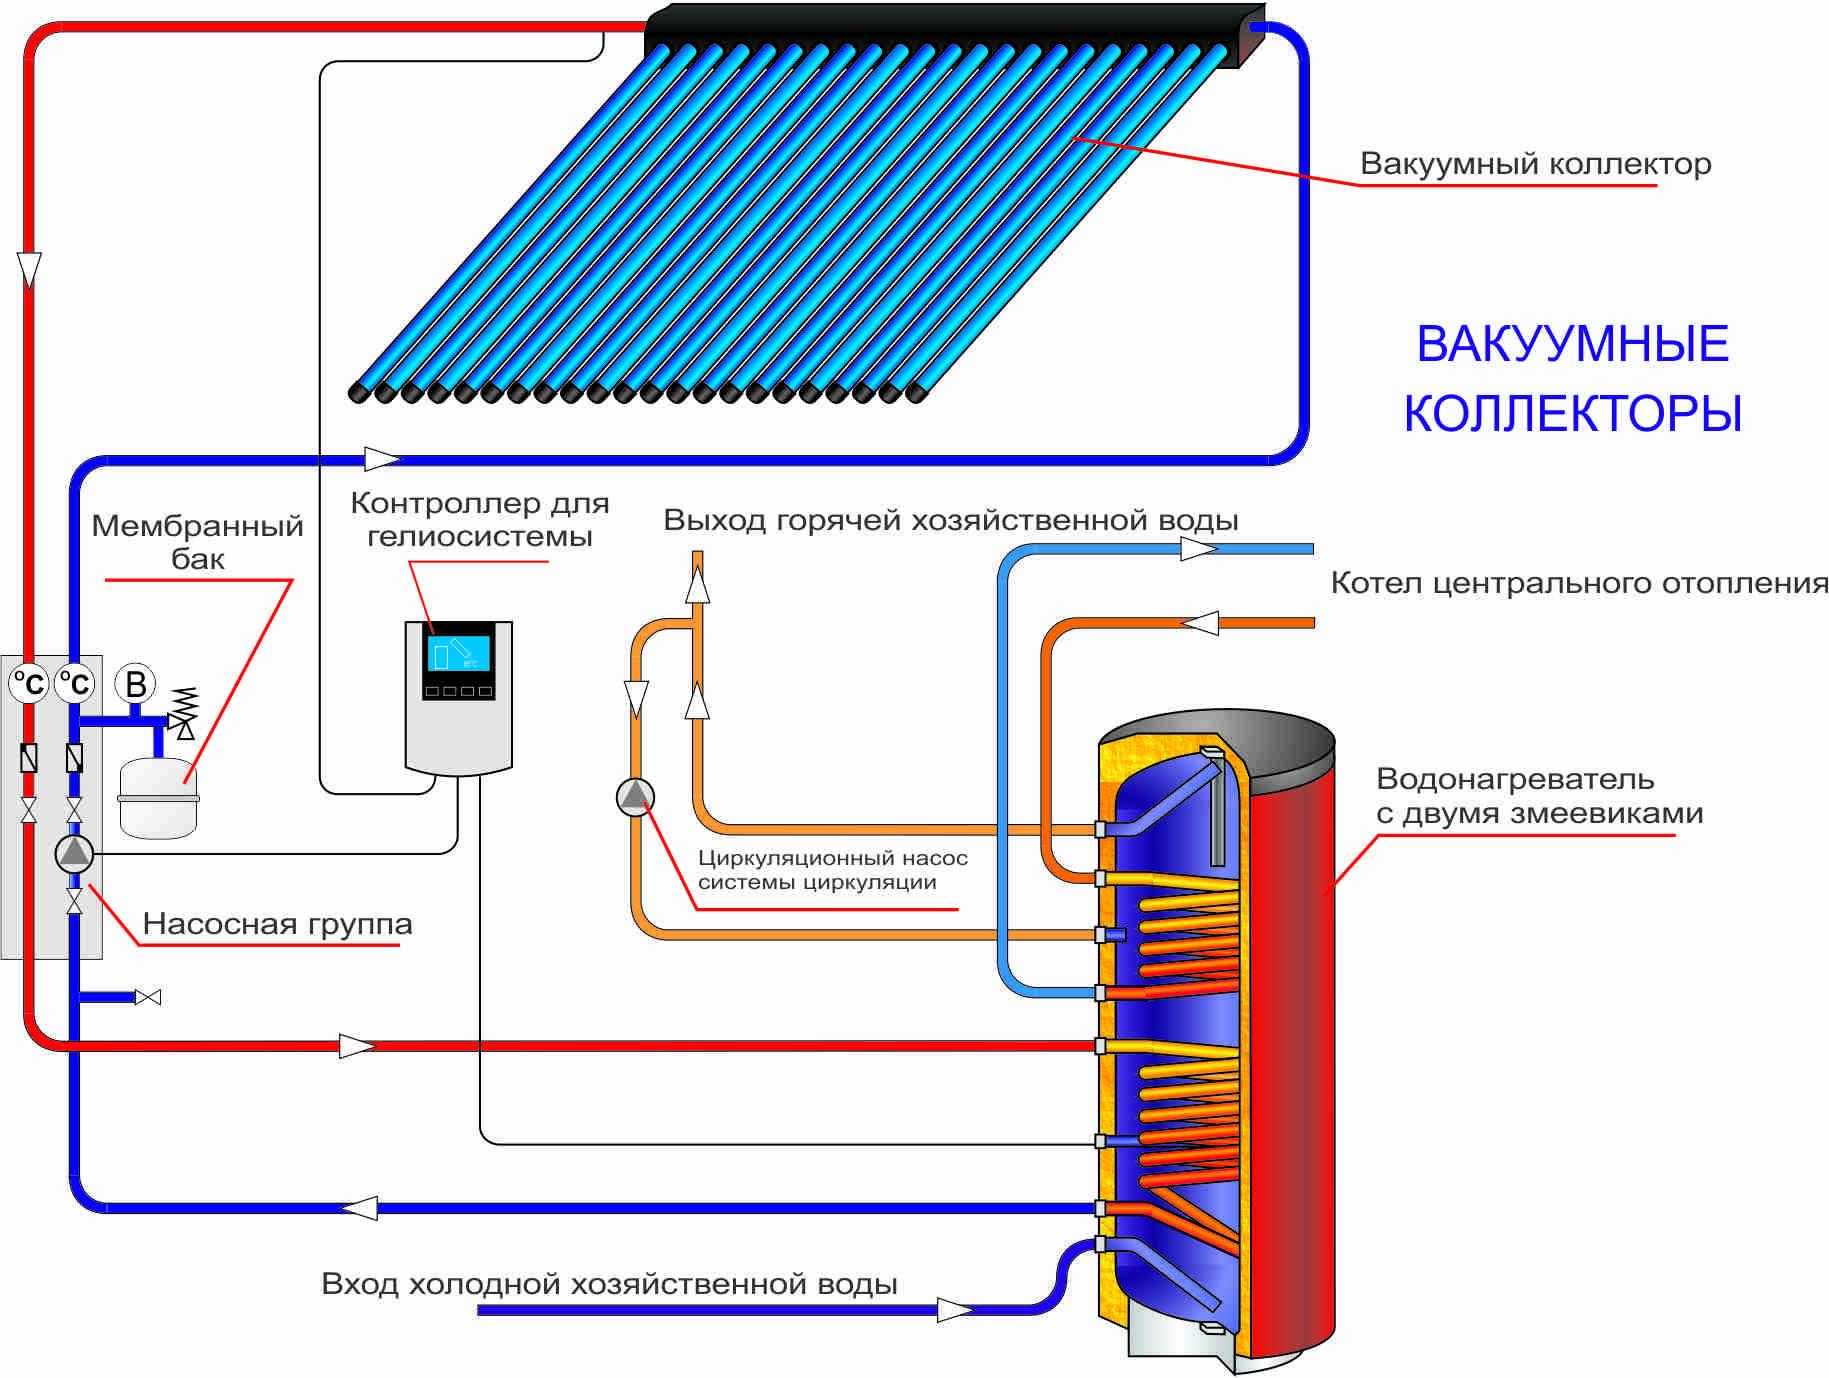 Вакуумные радиаторы. в чем их фишка? - eurosantehnik.ru